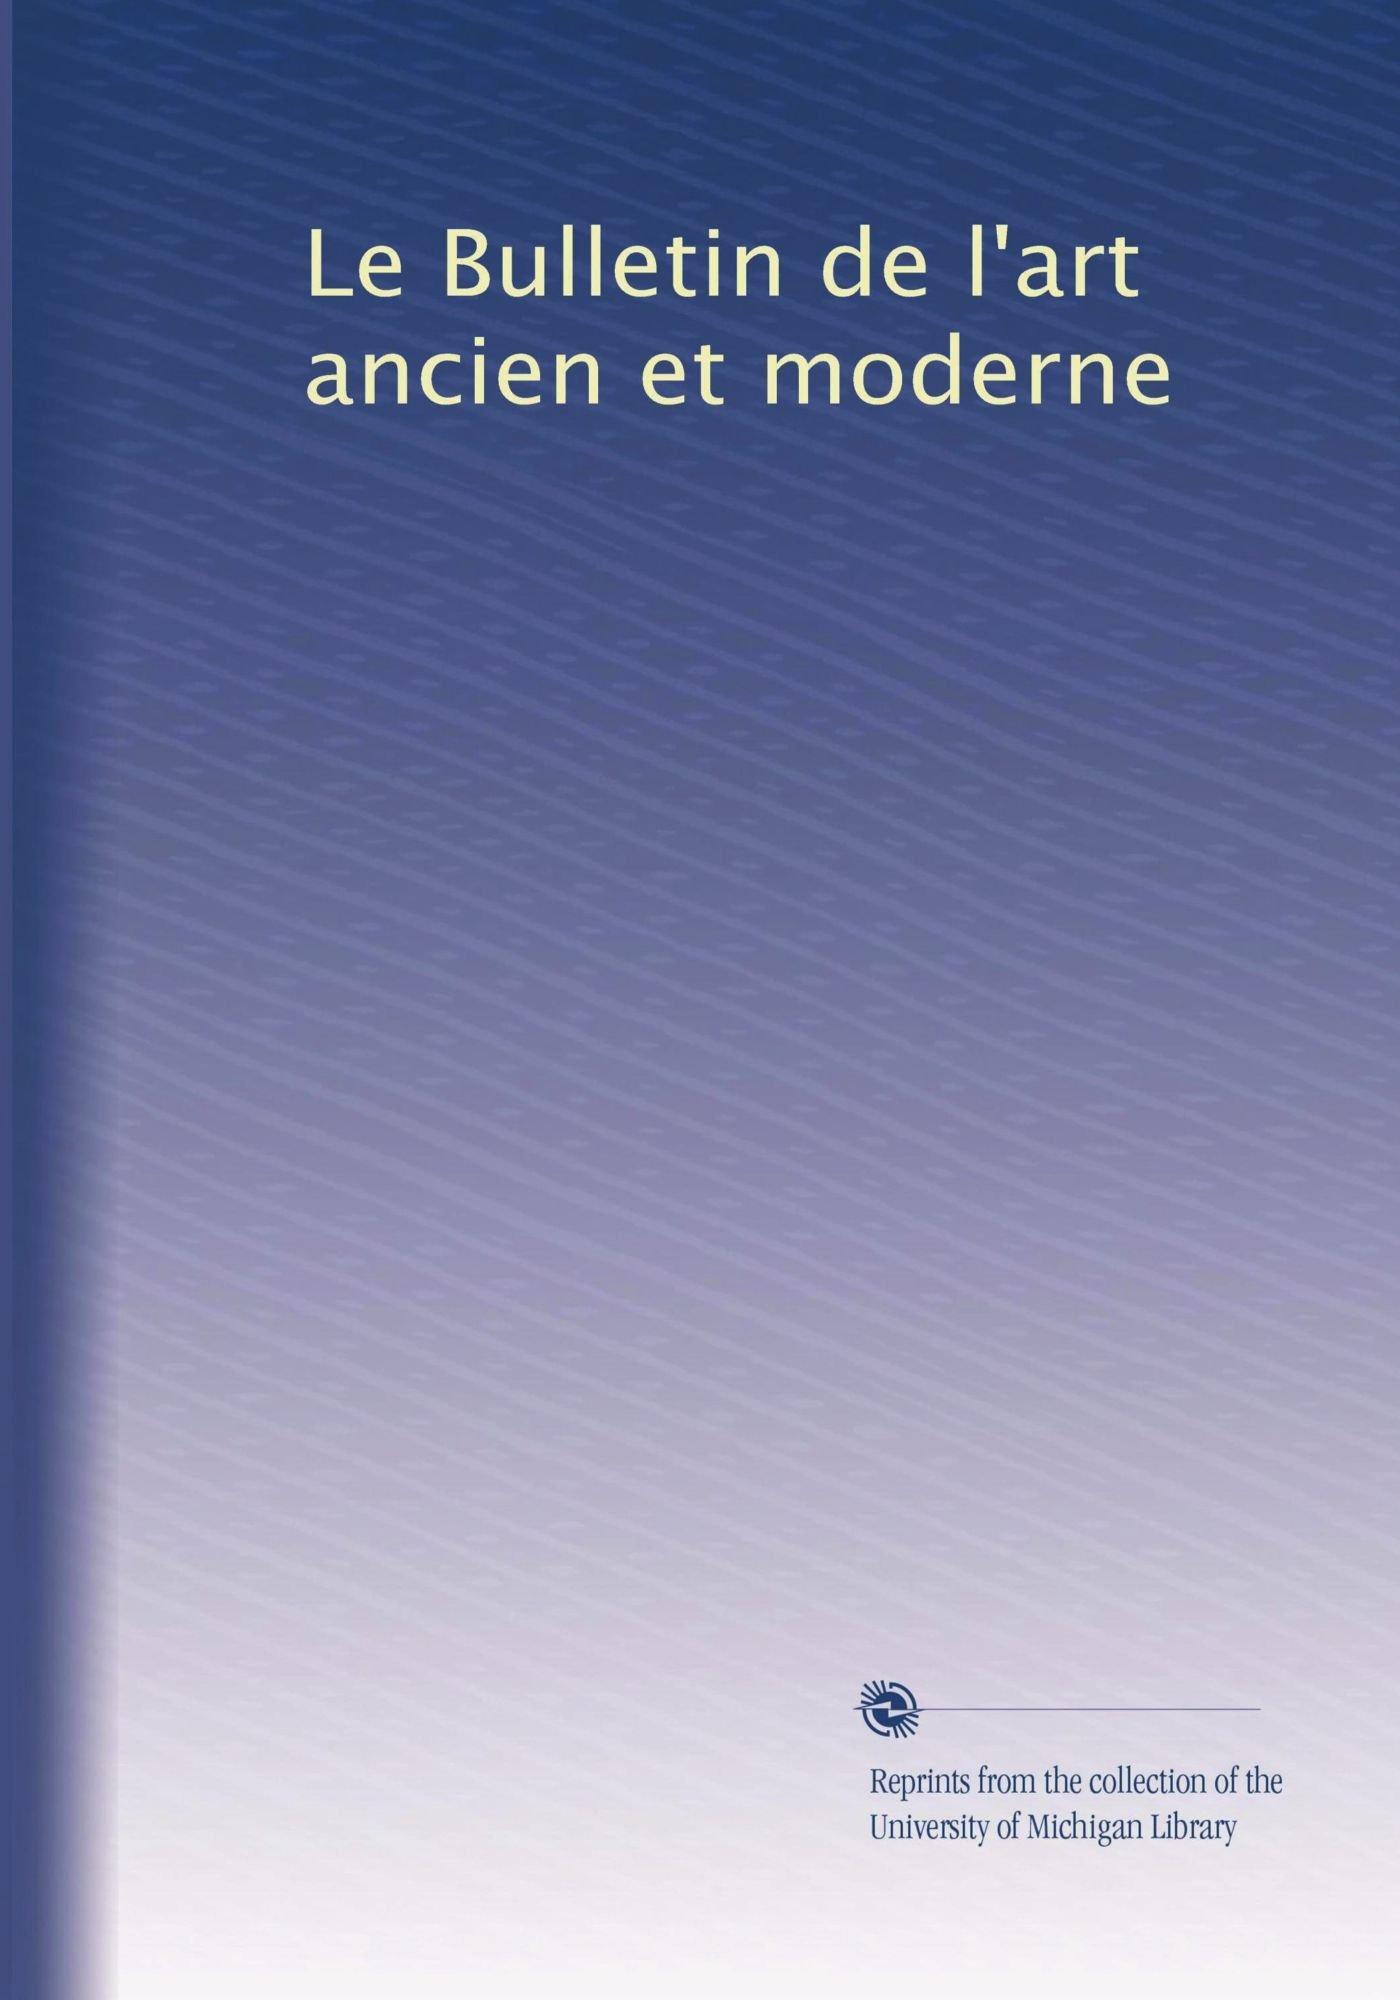 Download Le Bulletin de l'art ancien et moderne (French Edition) ebook